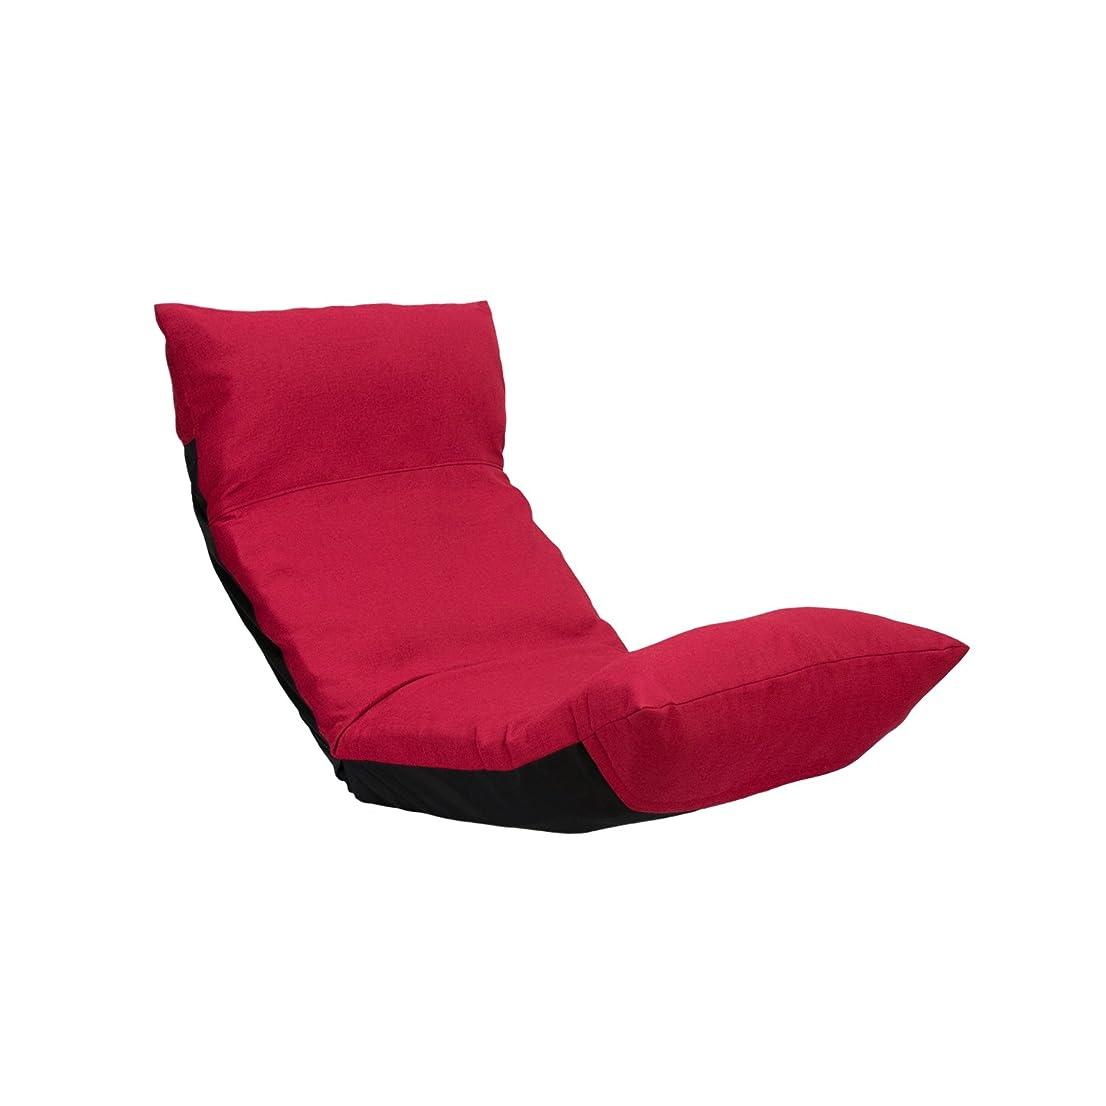 座椅子 ウェーブチェア CBC-313 レッド 日本製 ymz-014